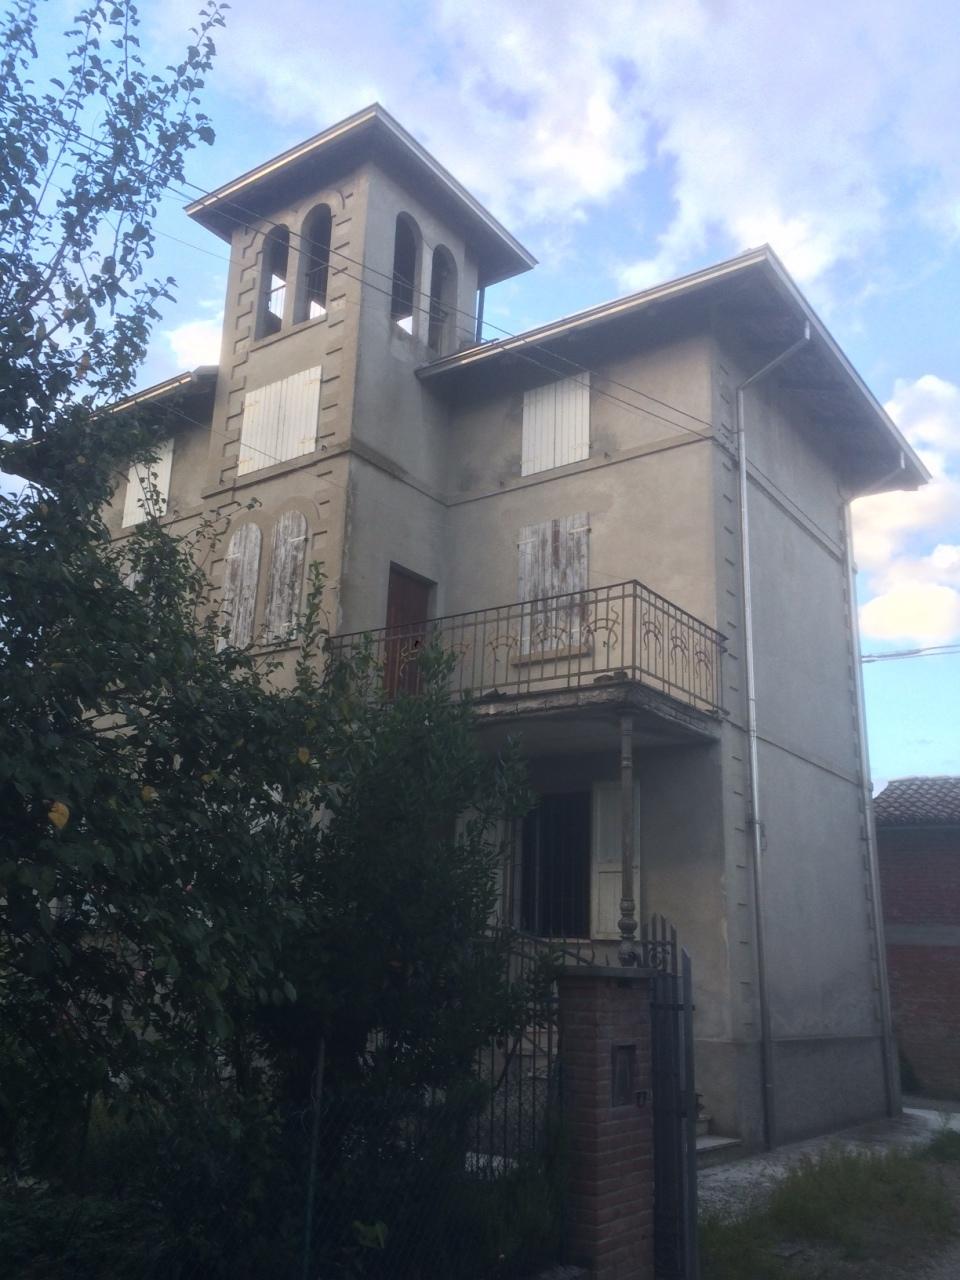 Villa in vendita a Noceto, 5 locali, prezzo € 175.000 | Cambio Casa.it